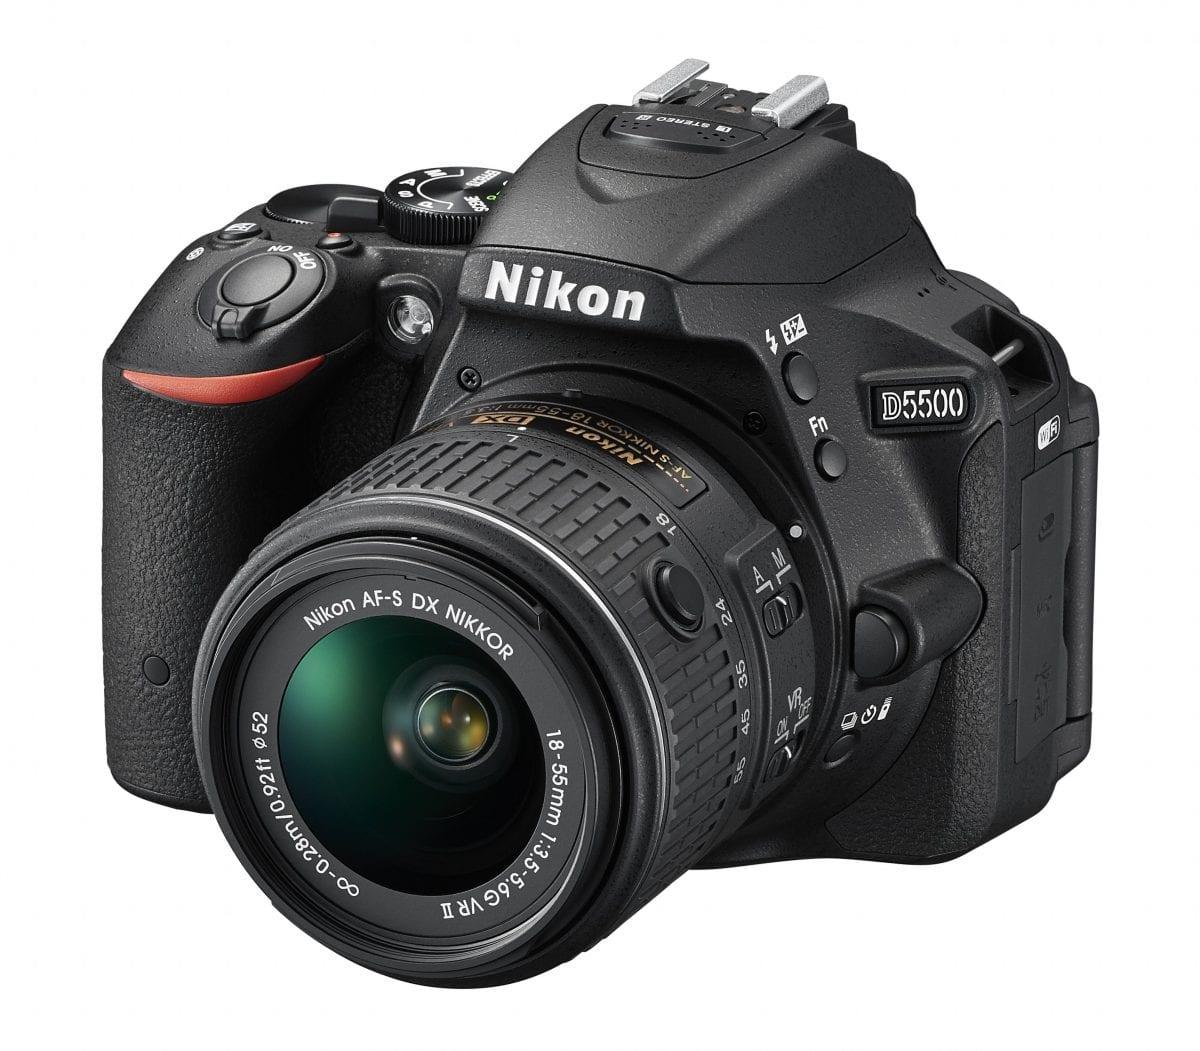 Le Nikon D5500